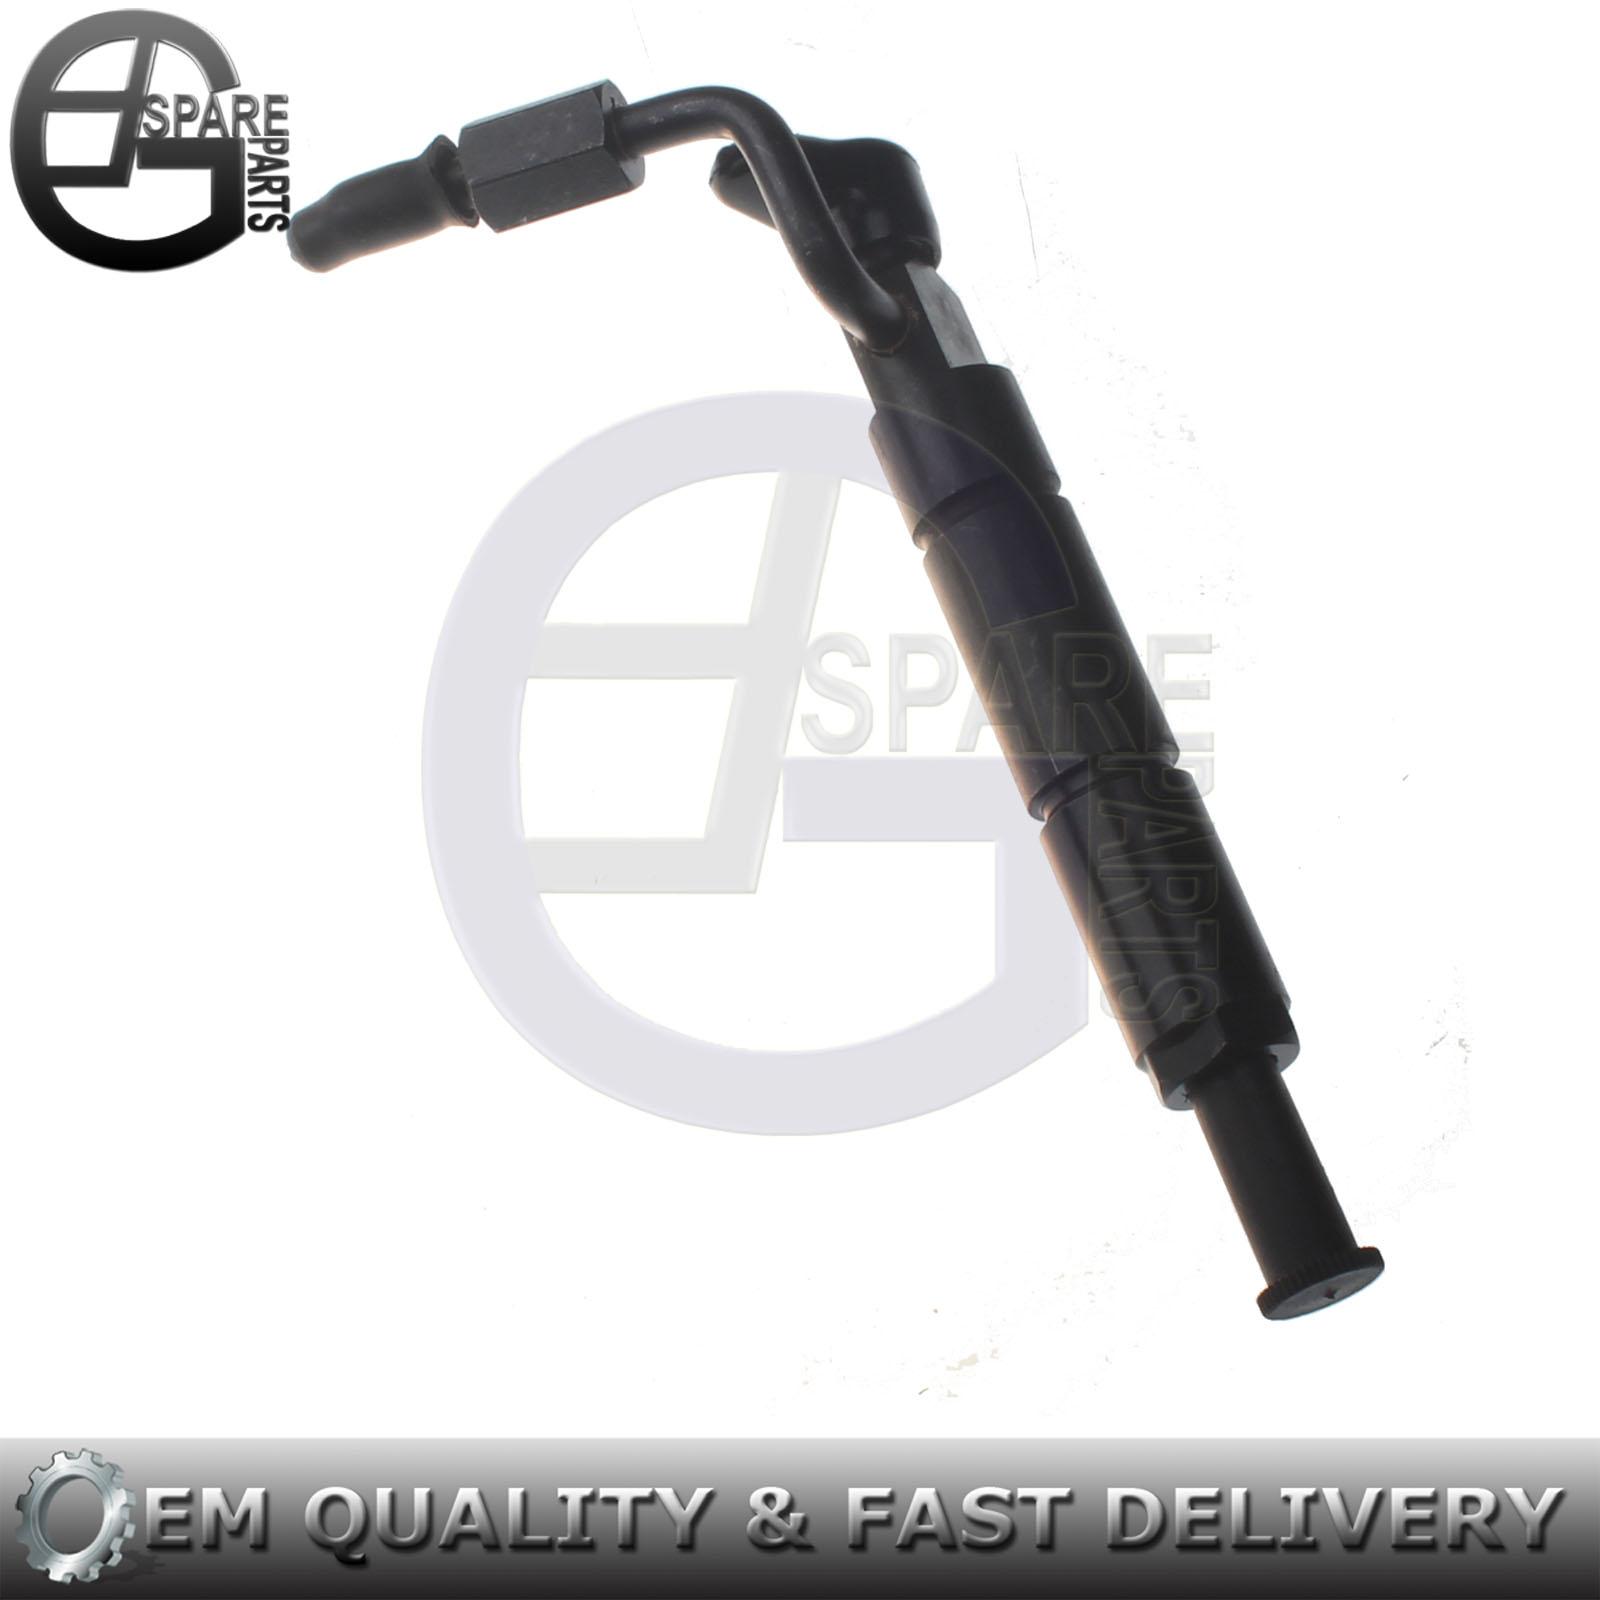 5I-7706 5I7706 Injector Nozzle  for Caterpillar 3064 3066 S4KT S6KT 7JK E312 120